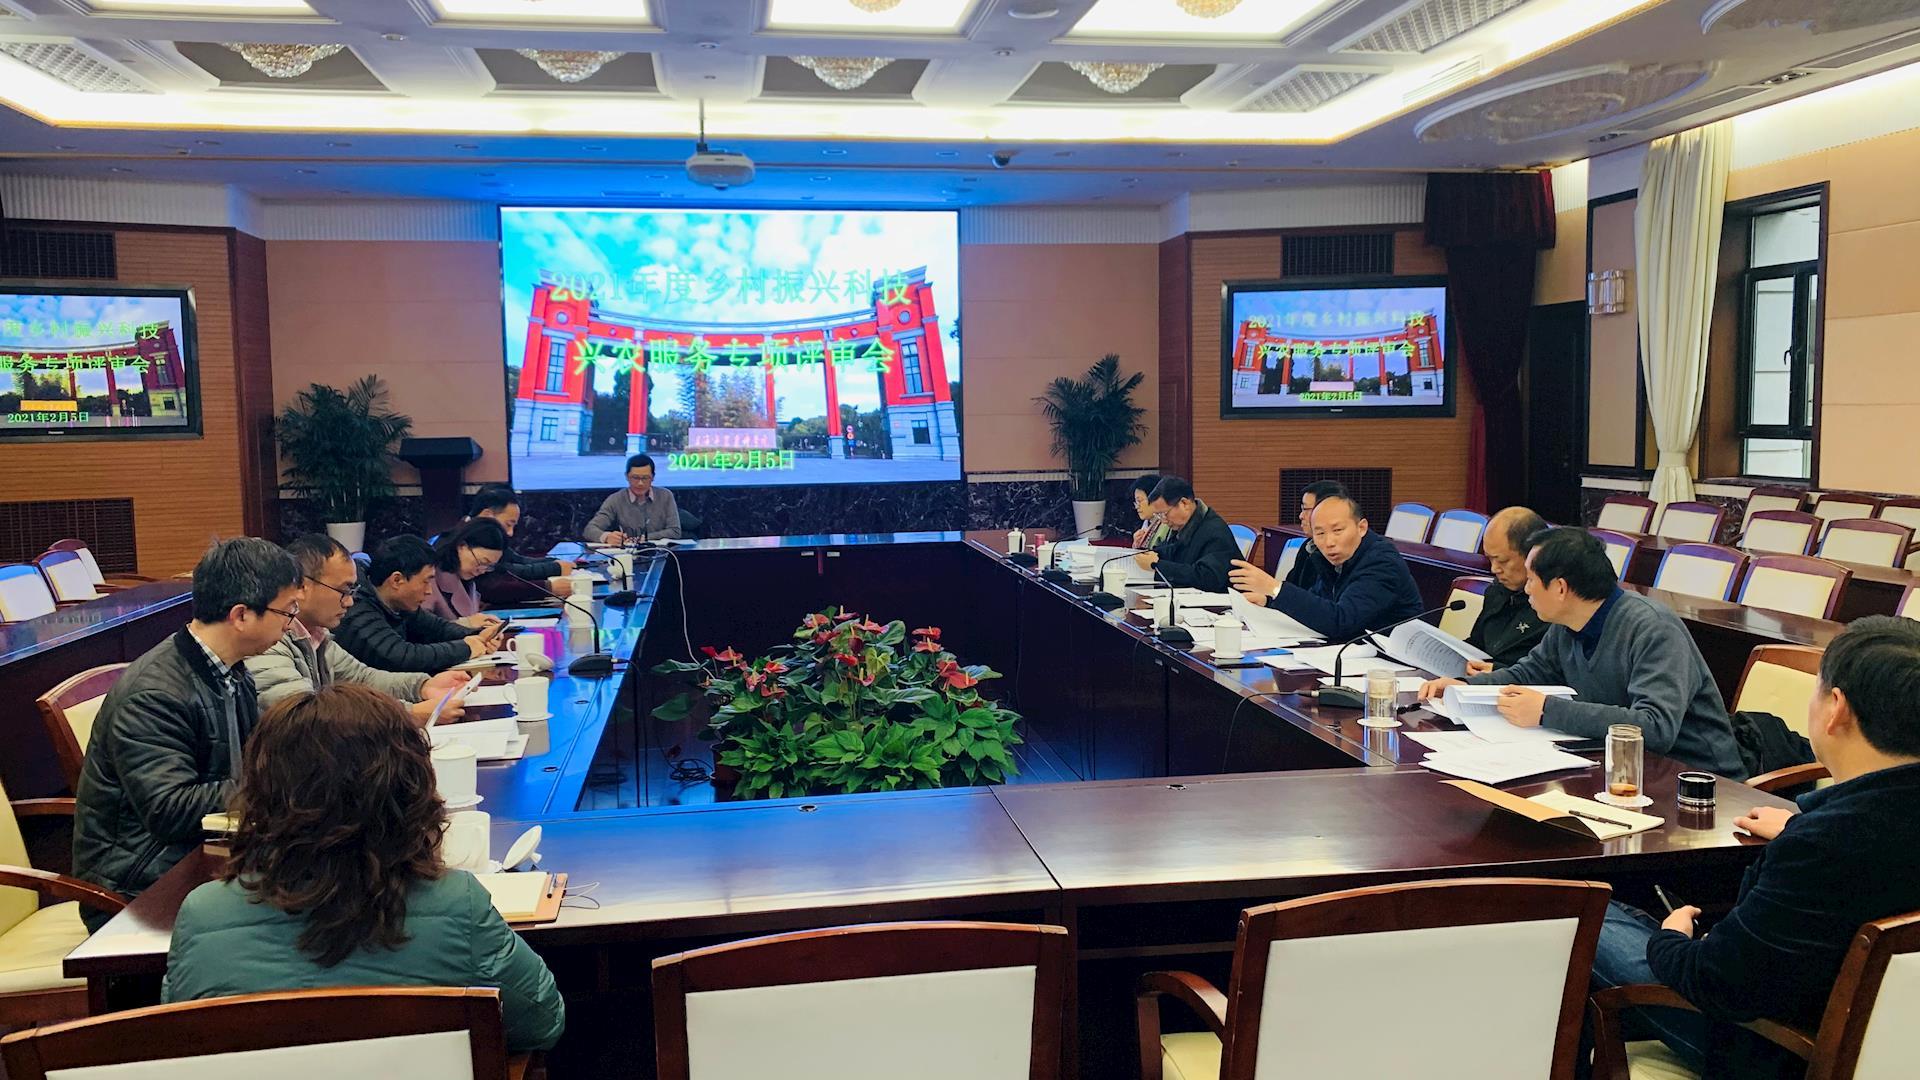 我院召开2021年度乡村振兴科技兴农服务专项评审会